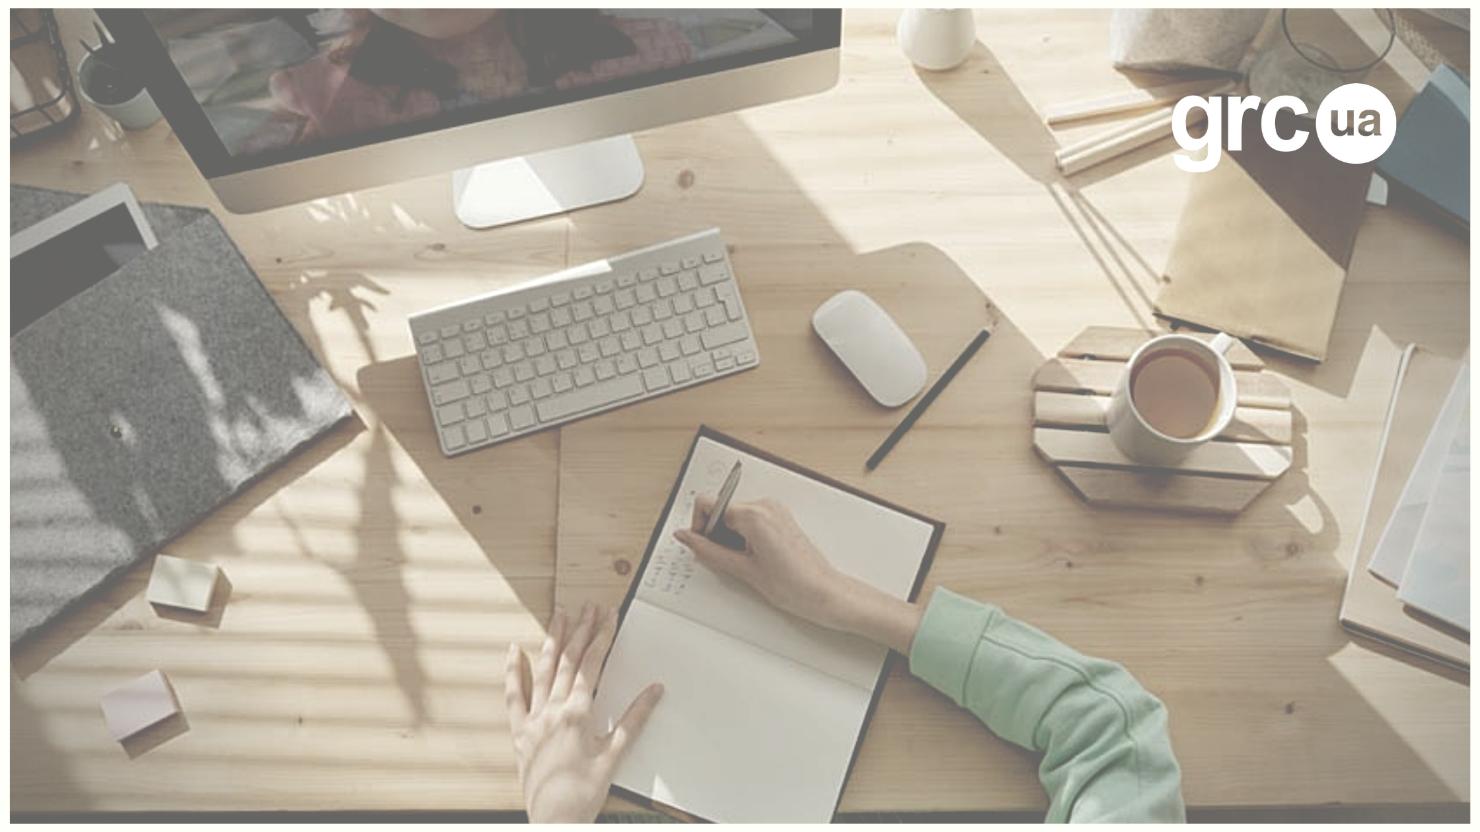 Позбутися втоми від Zoom: 6 ефективних способів